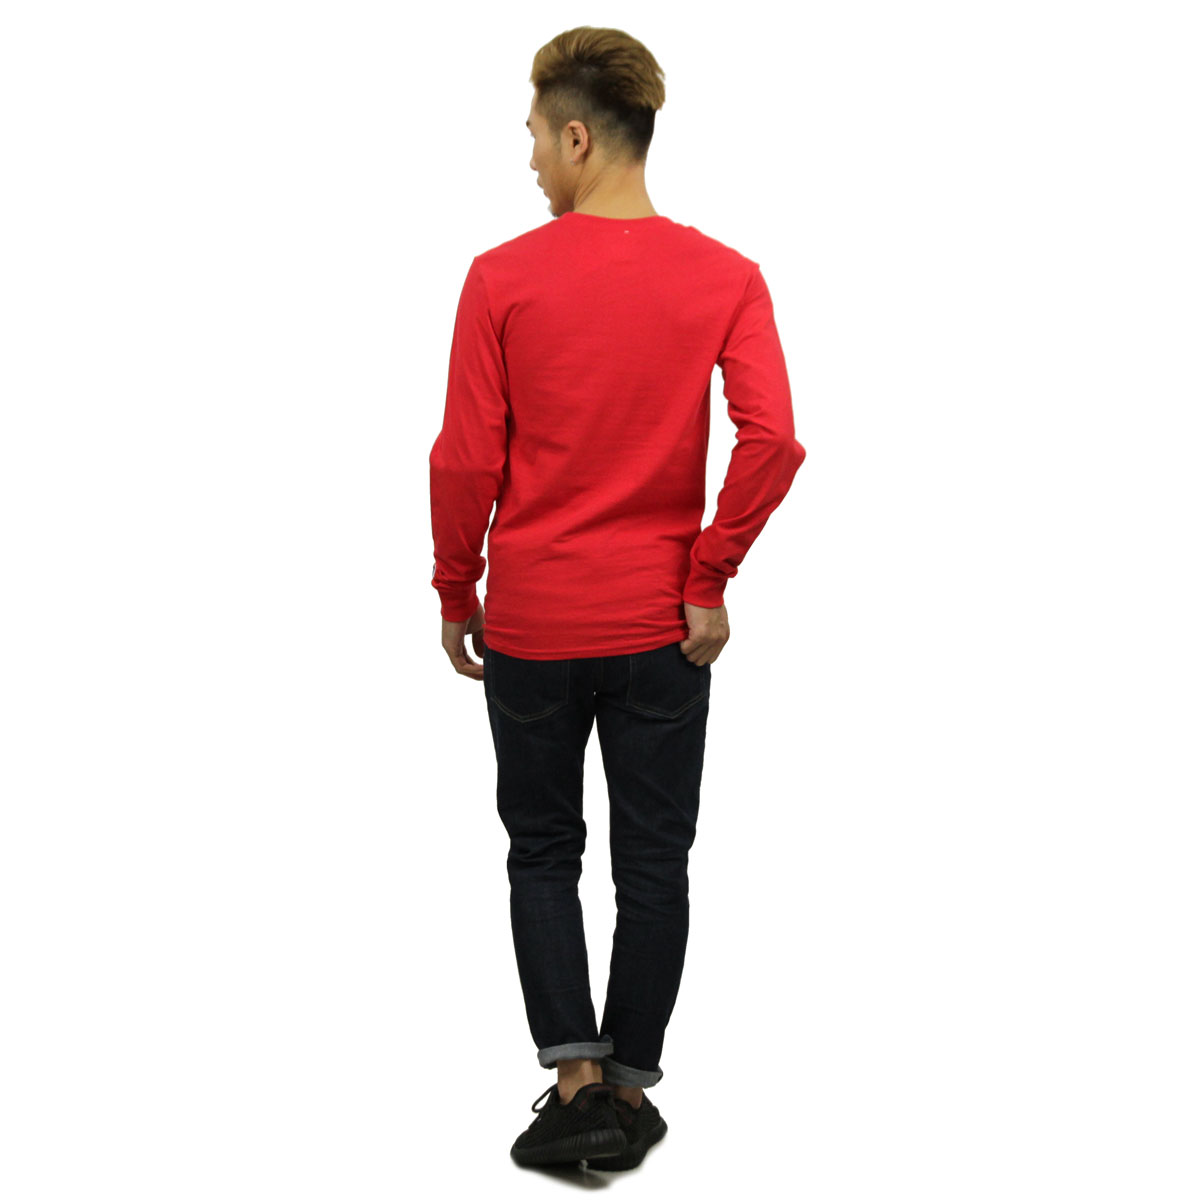 チャンピオン ロンT メンズ 正規品 CHAMPION 長袖Tシャツ L/S TEE T2229 Cotton Long Sleeve Tee W3J-TEAMREDSCARLET C logo on left sleeve D00S20